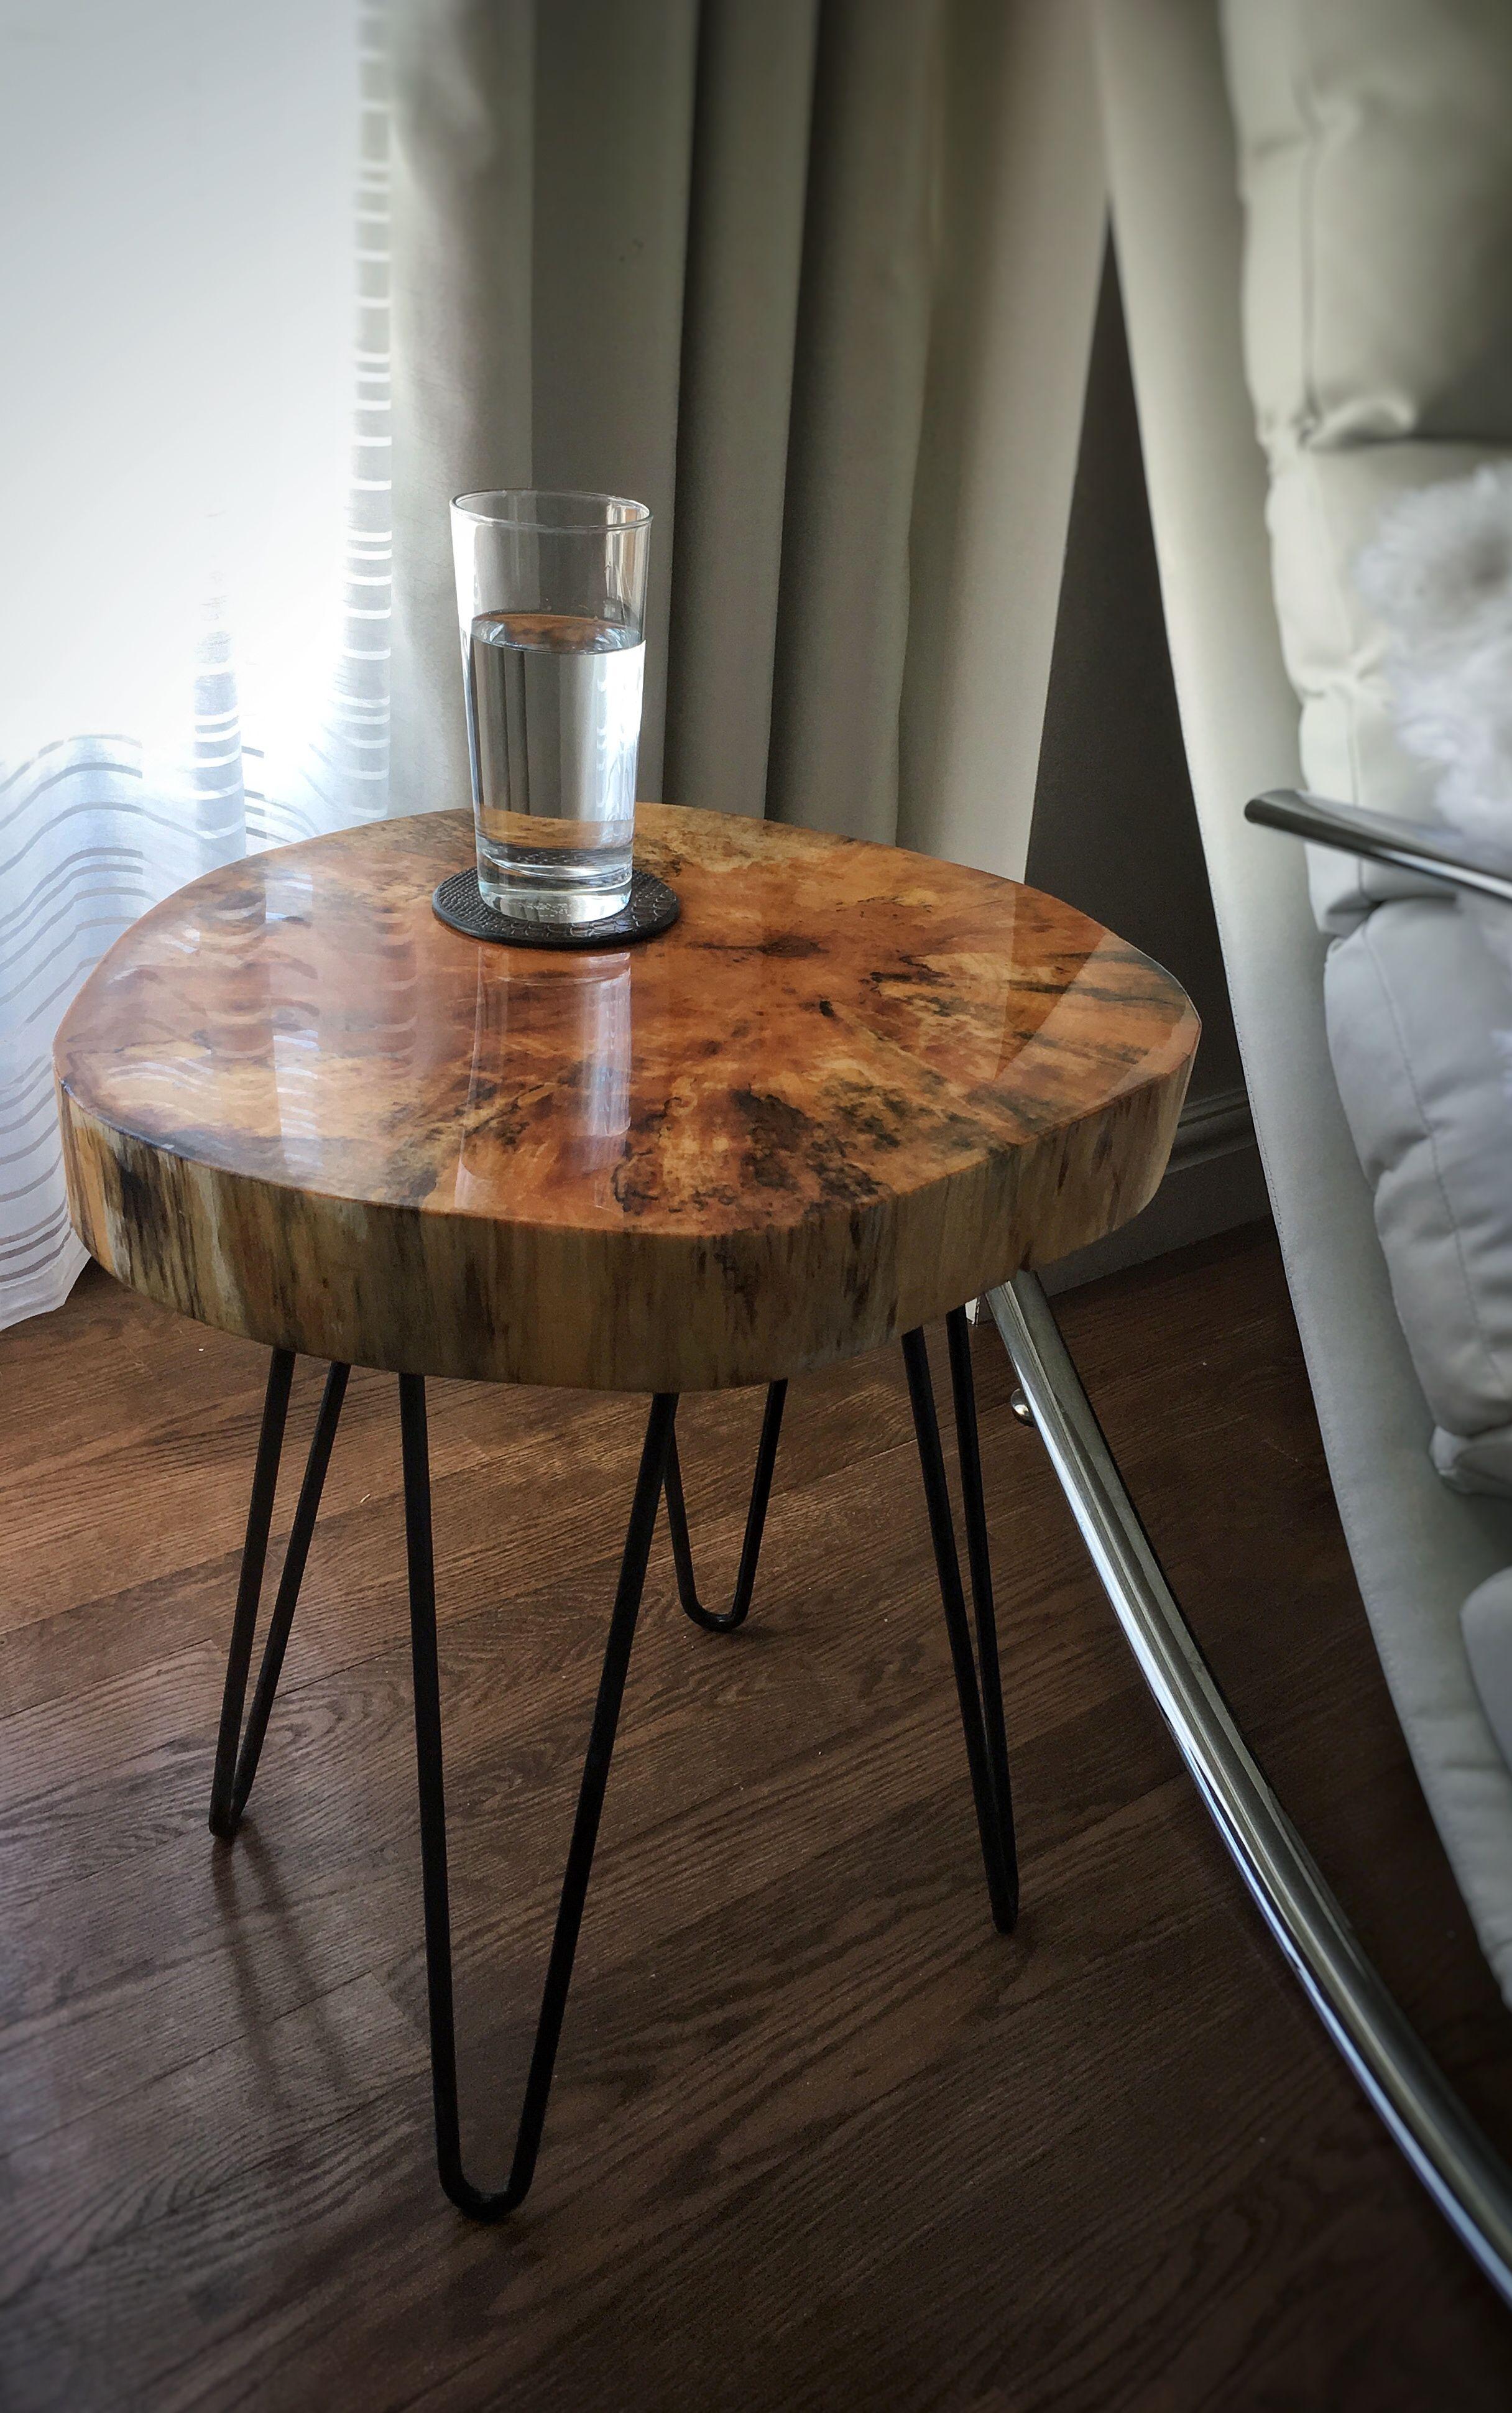 table d appoint en rondin table wood